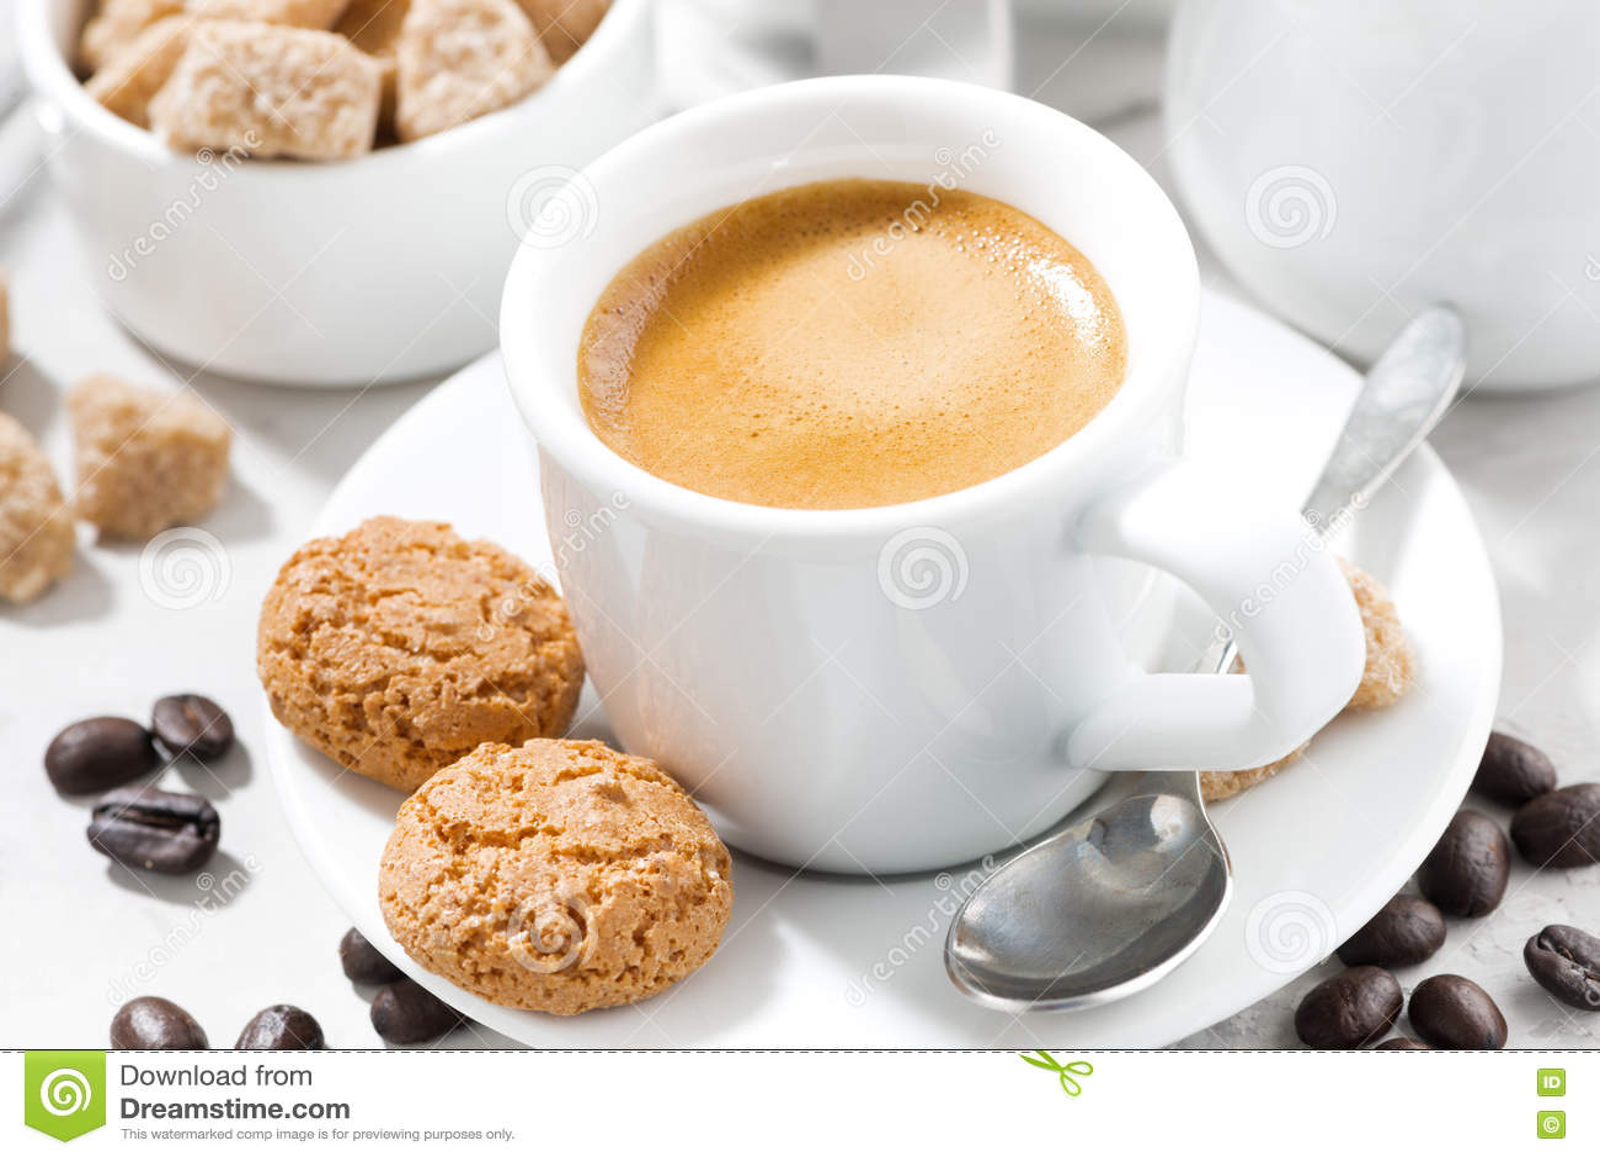 Download Чашка эспрессо и печений на белой таблице, крупного плана Стоковое Фото - изображение насчитывающей печет, кафе: 72285616